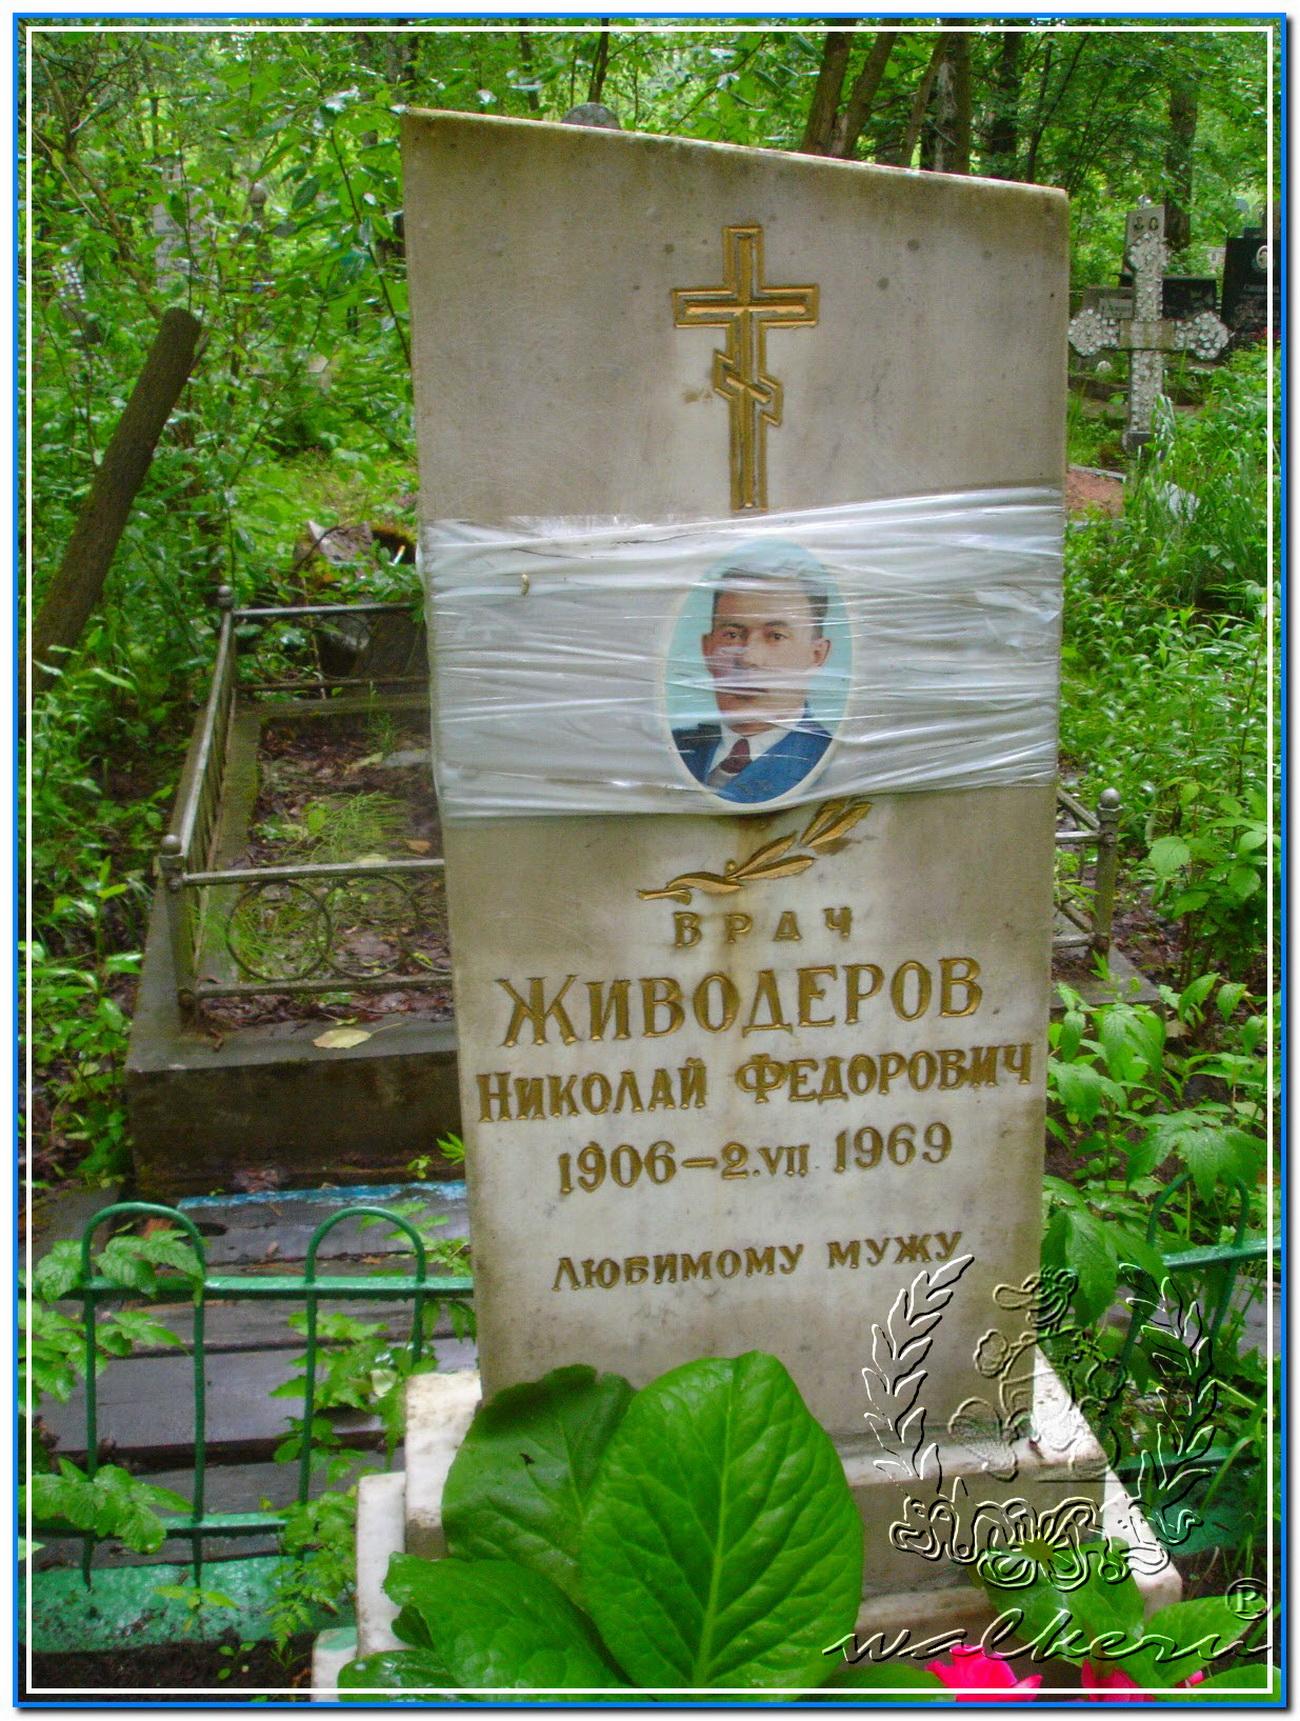 Живодеров Николай Федорович